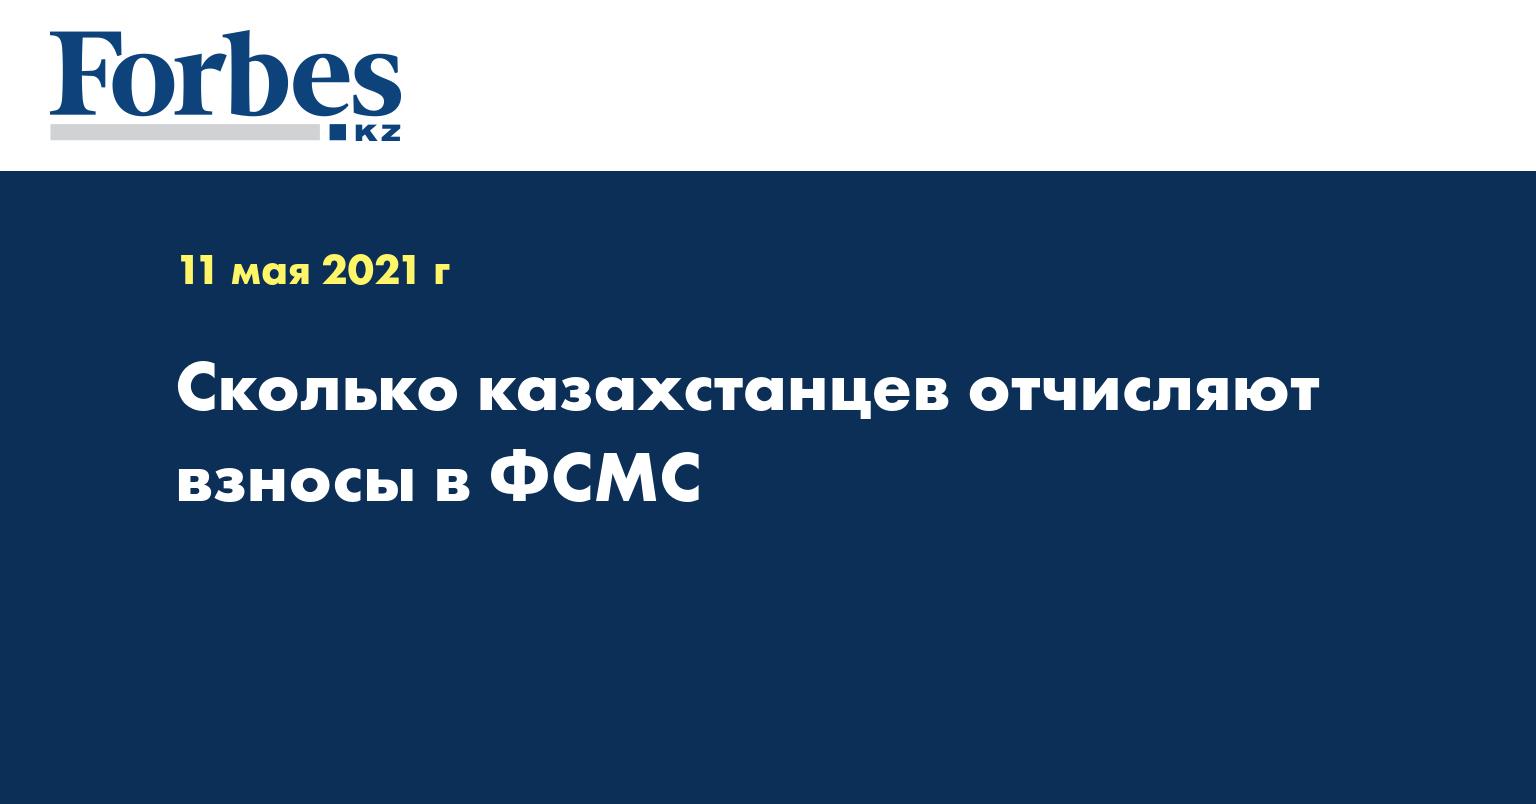 Сколько казахстанцев отчисляют взносы в ФСМС